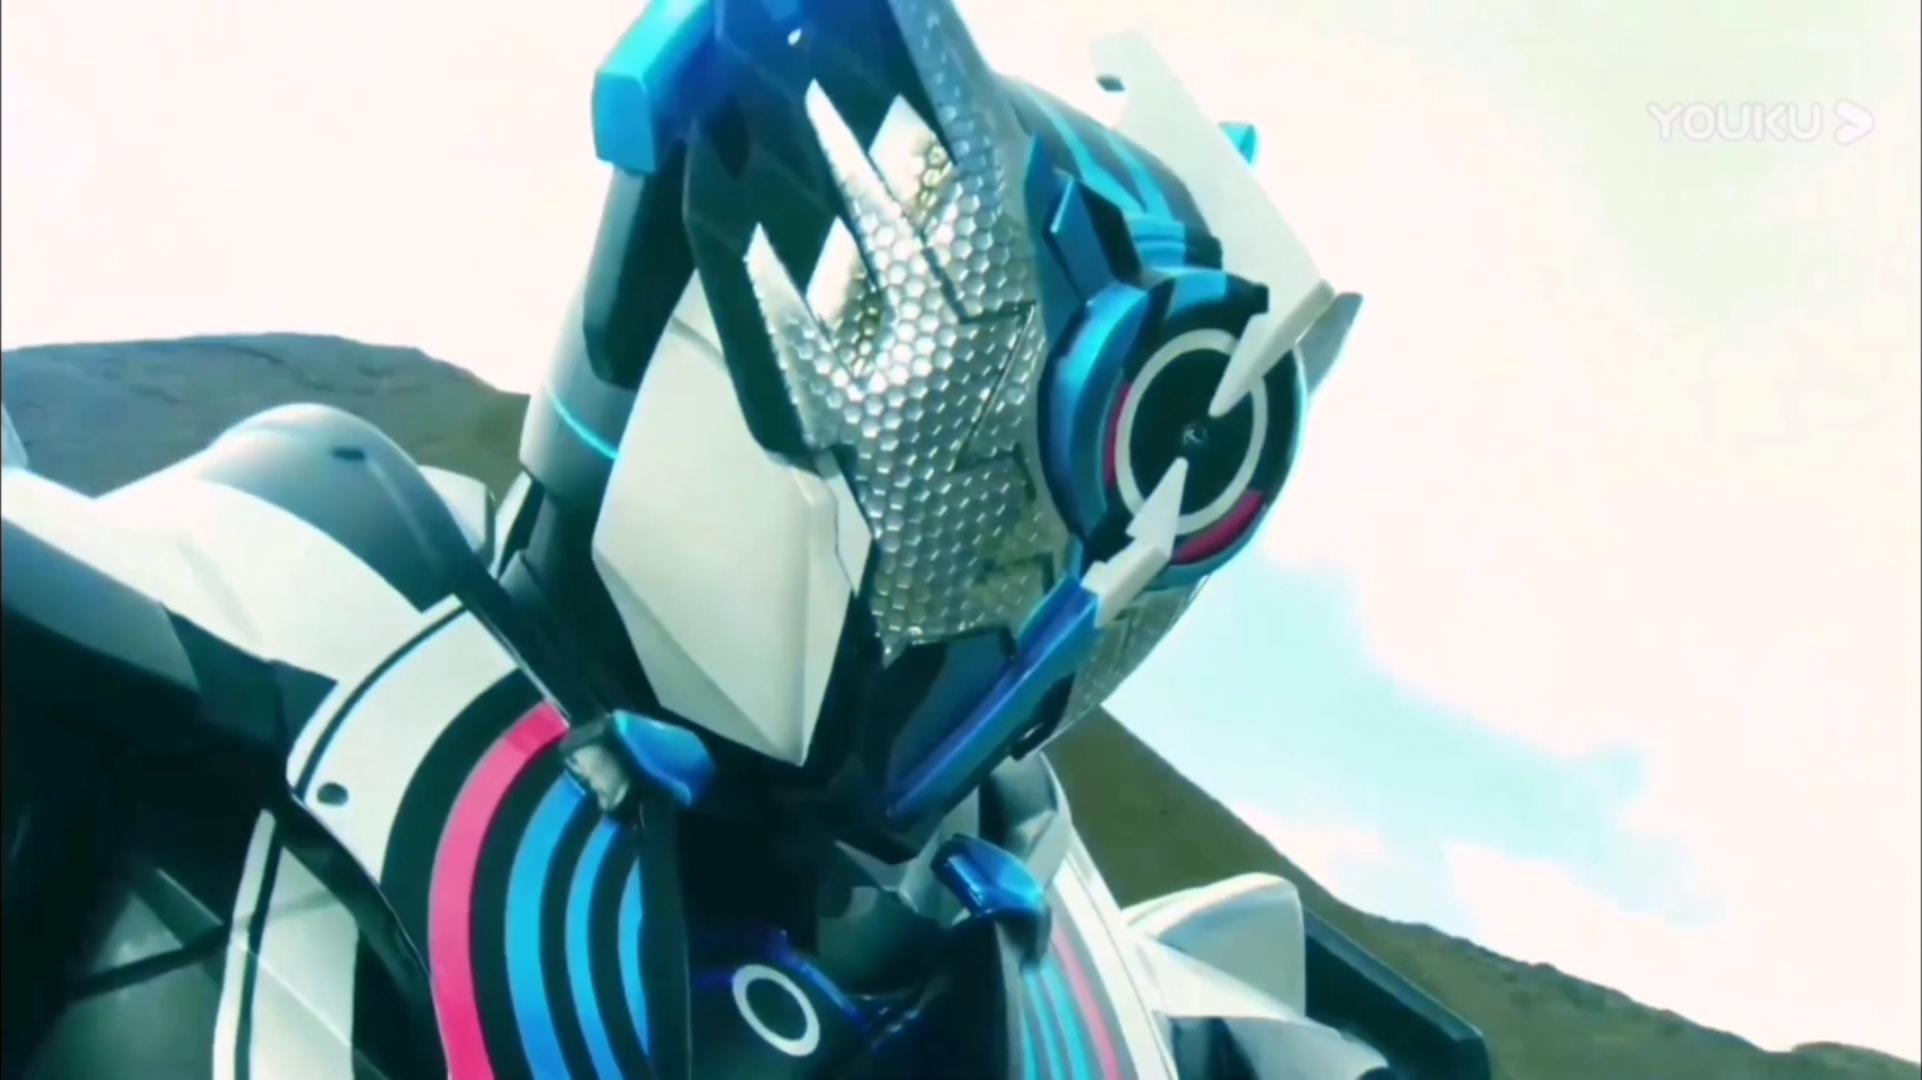 假面骑士Build 黑洞 Cross-Z Evol形态 超清版